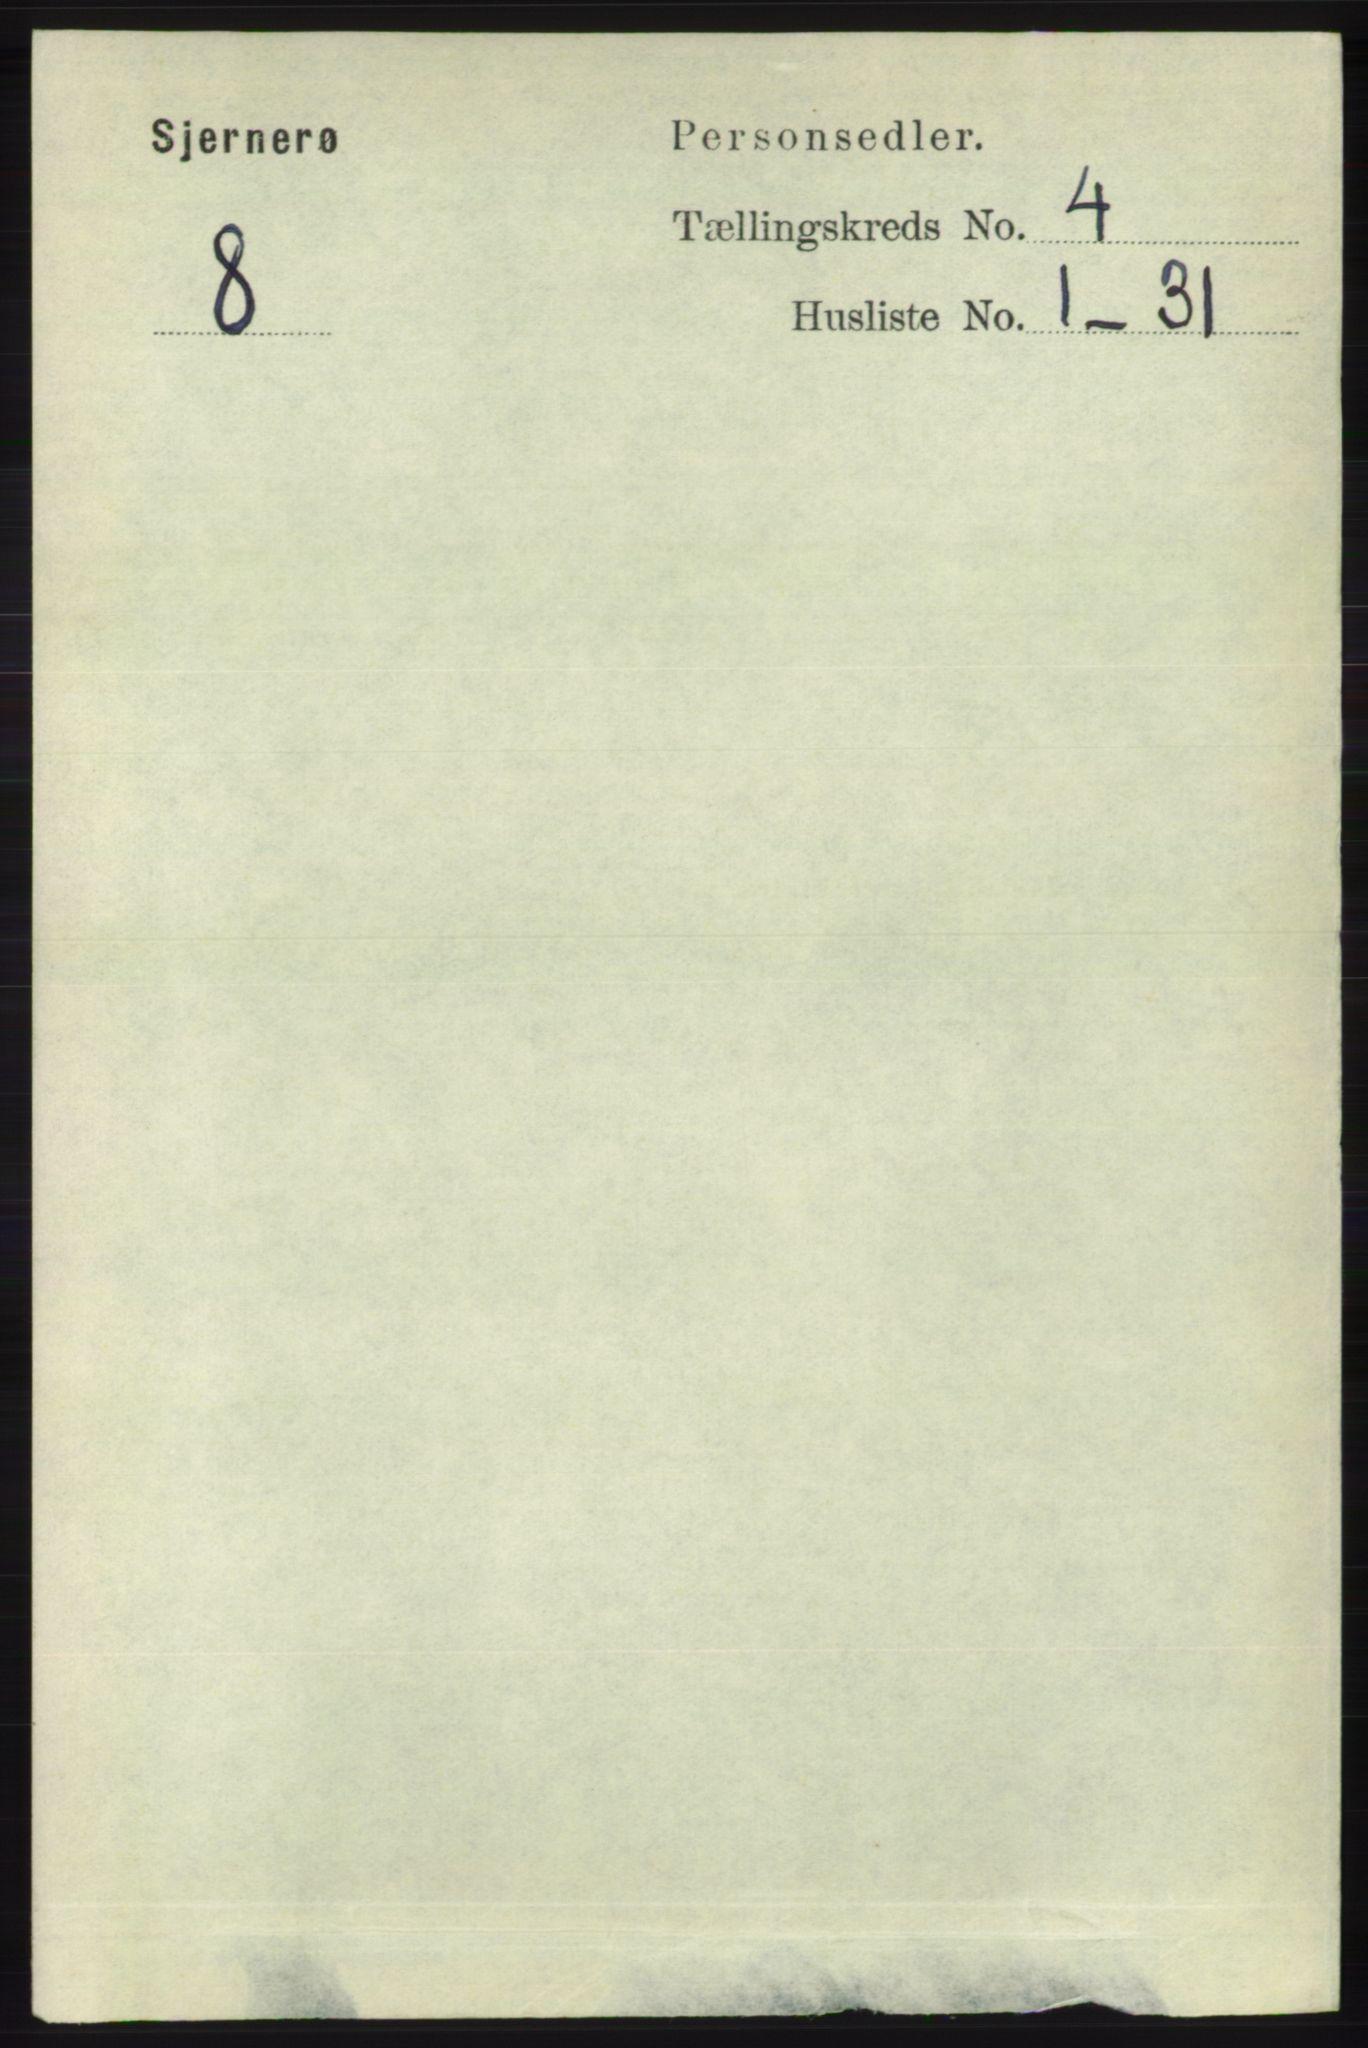 RA, Folketelling 1891 for 1140 Sjernarøy herred, 1891, s. 592